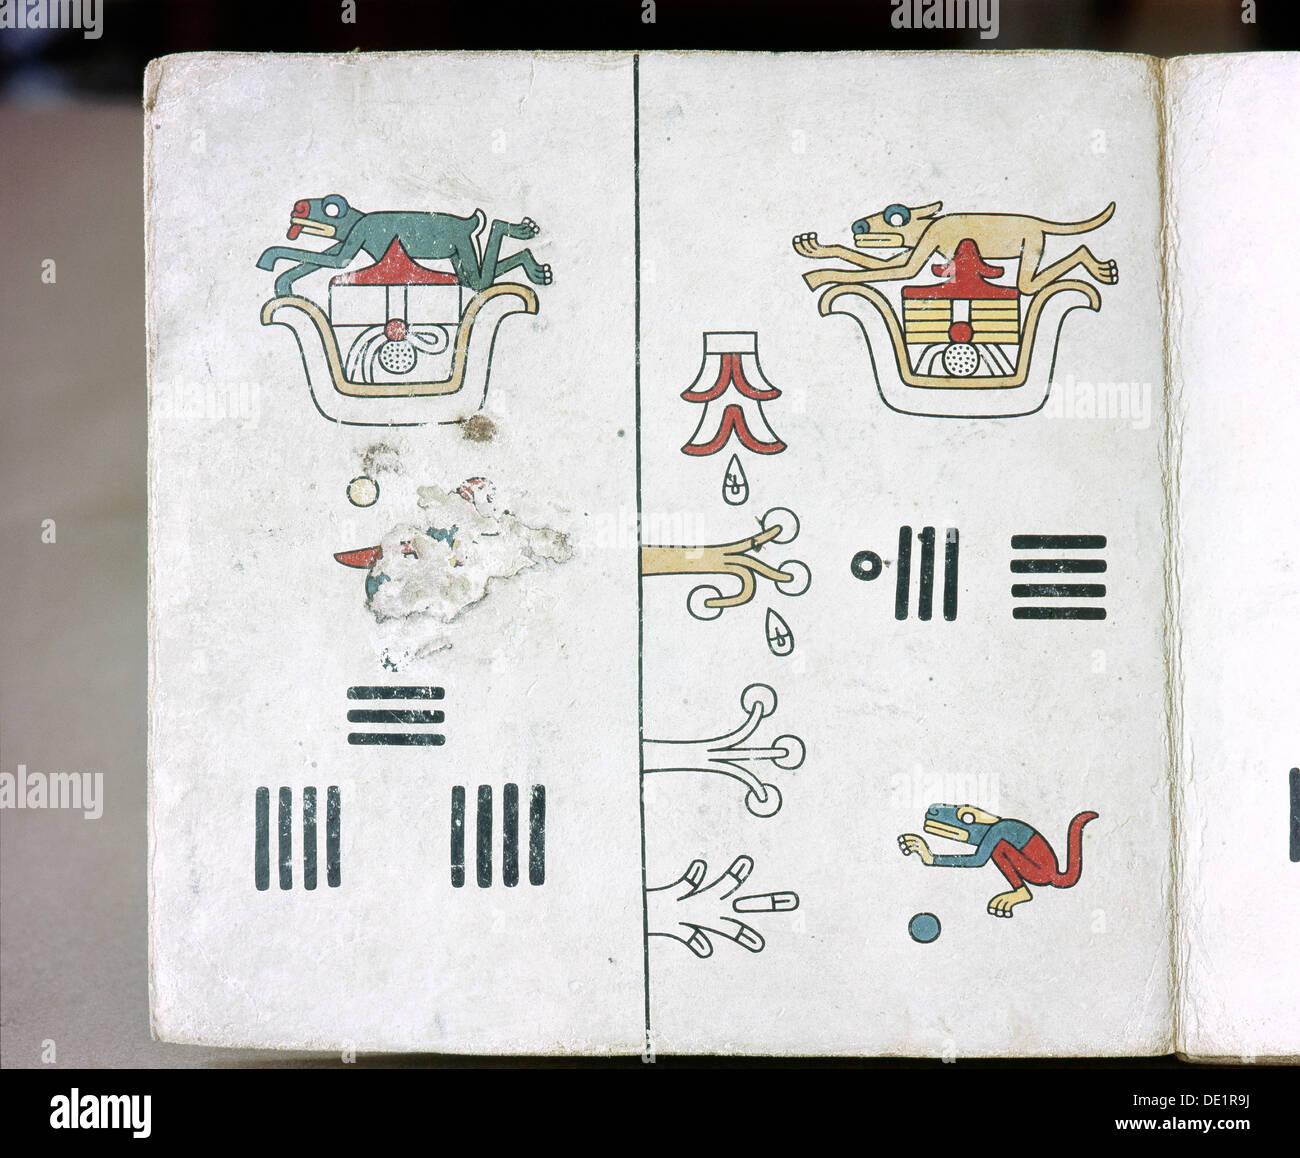 Aztec Codices Stock Photos Aztec Codices Stock Images Alamy